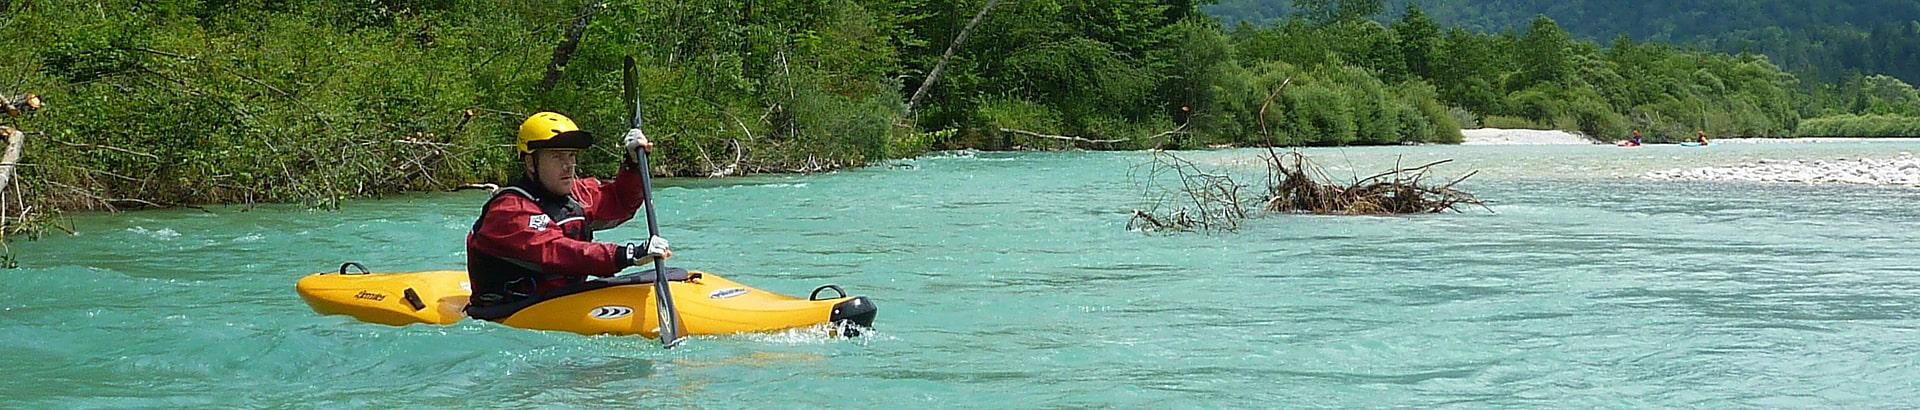 Kajak Wildwasserfahren Wildwassertechnik Ausrüstung Training Kanu